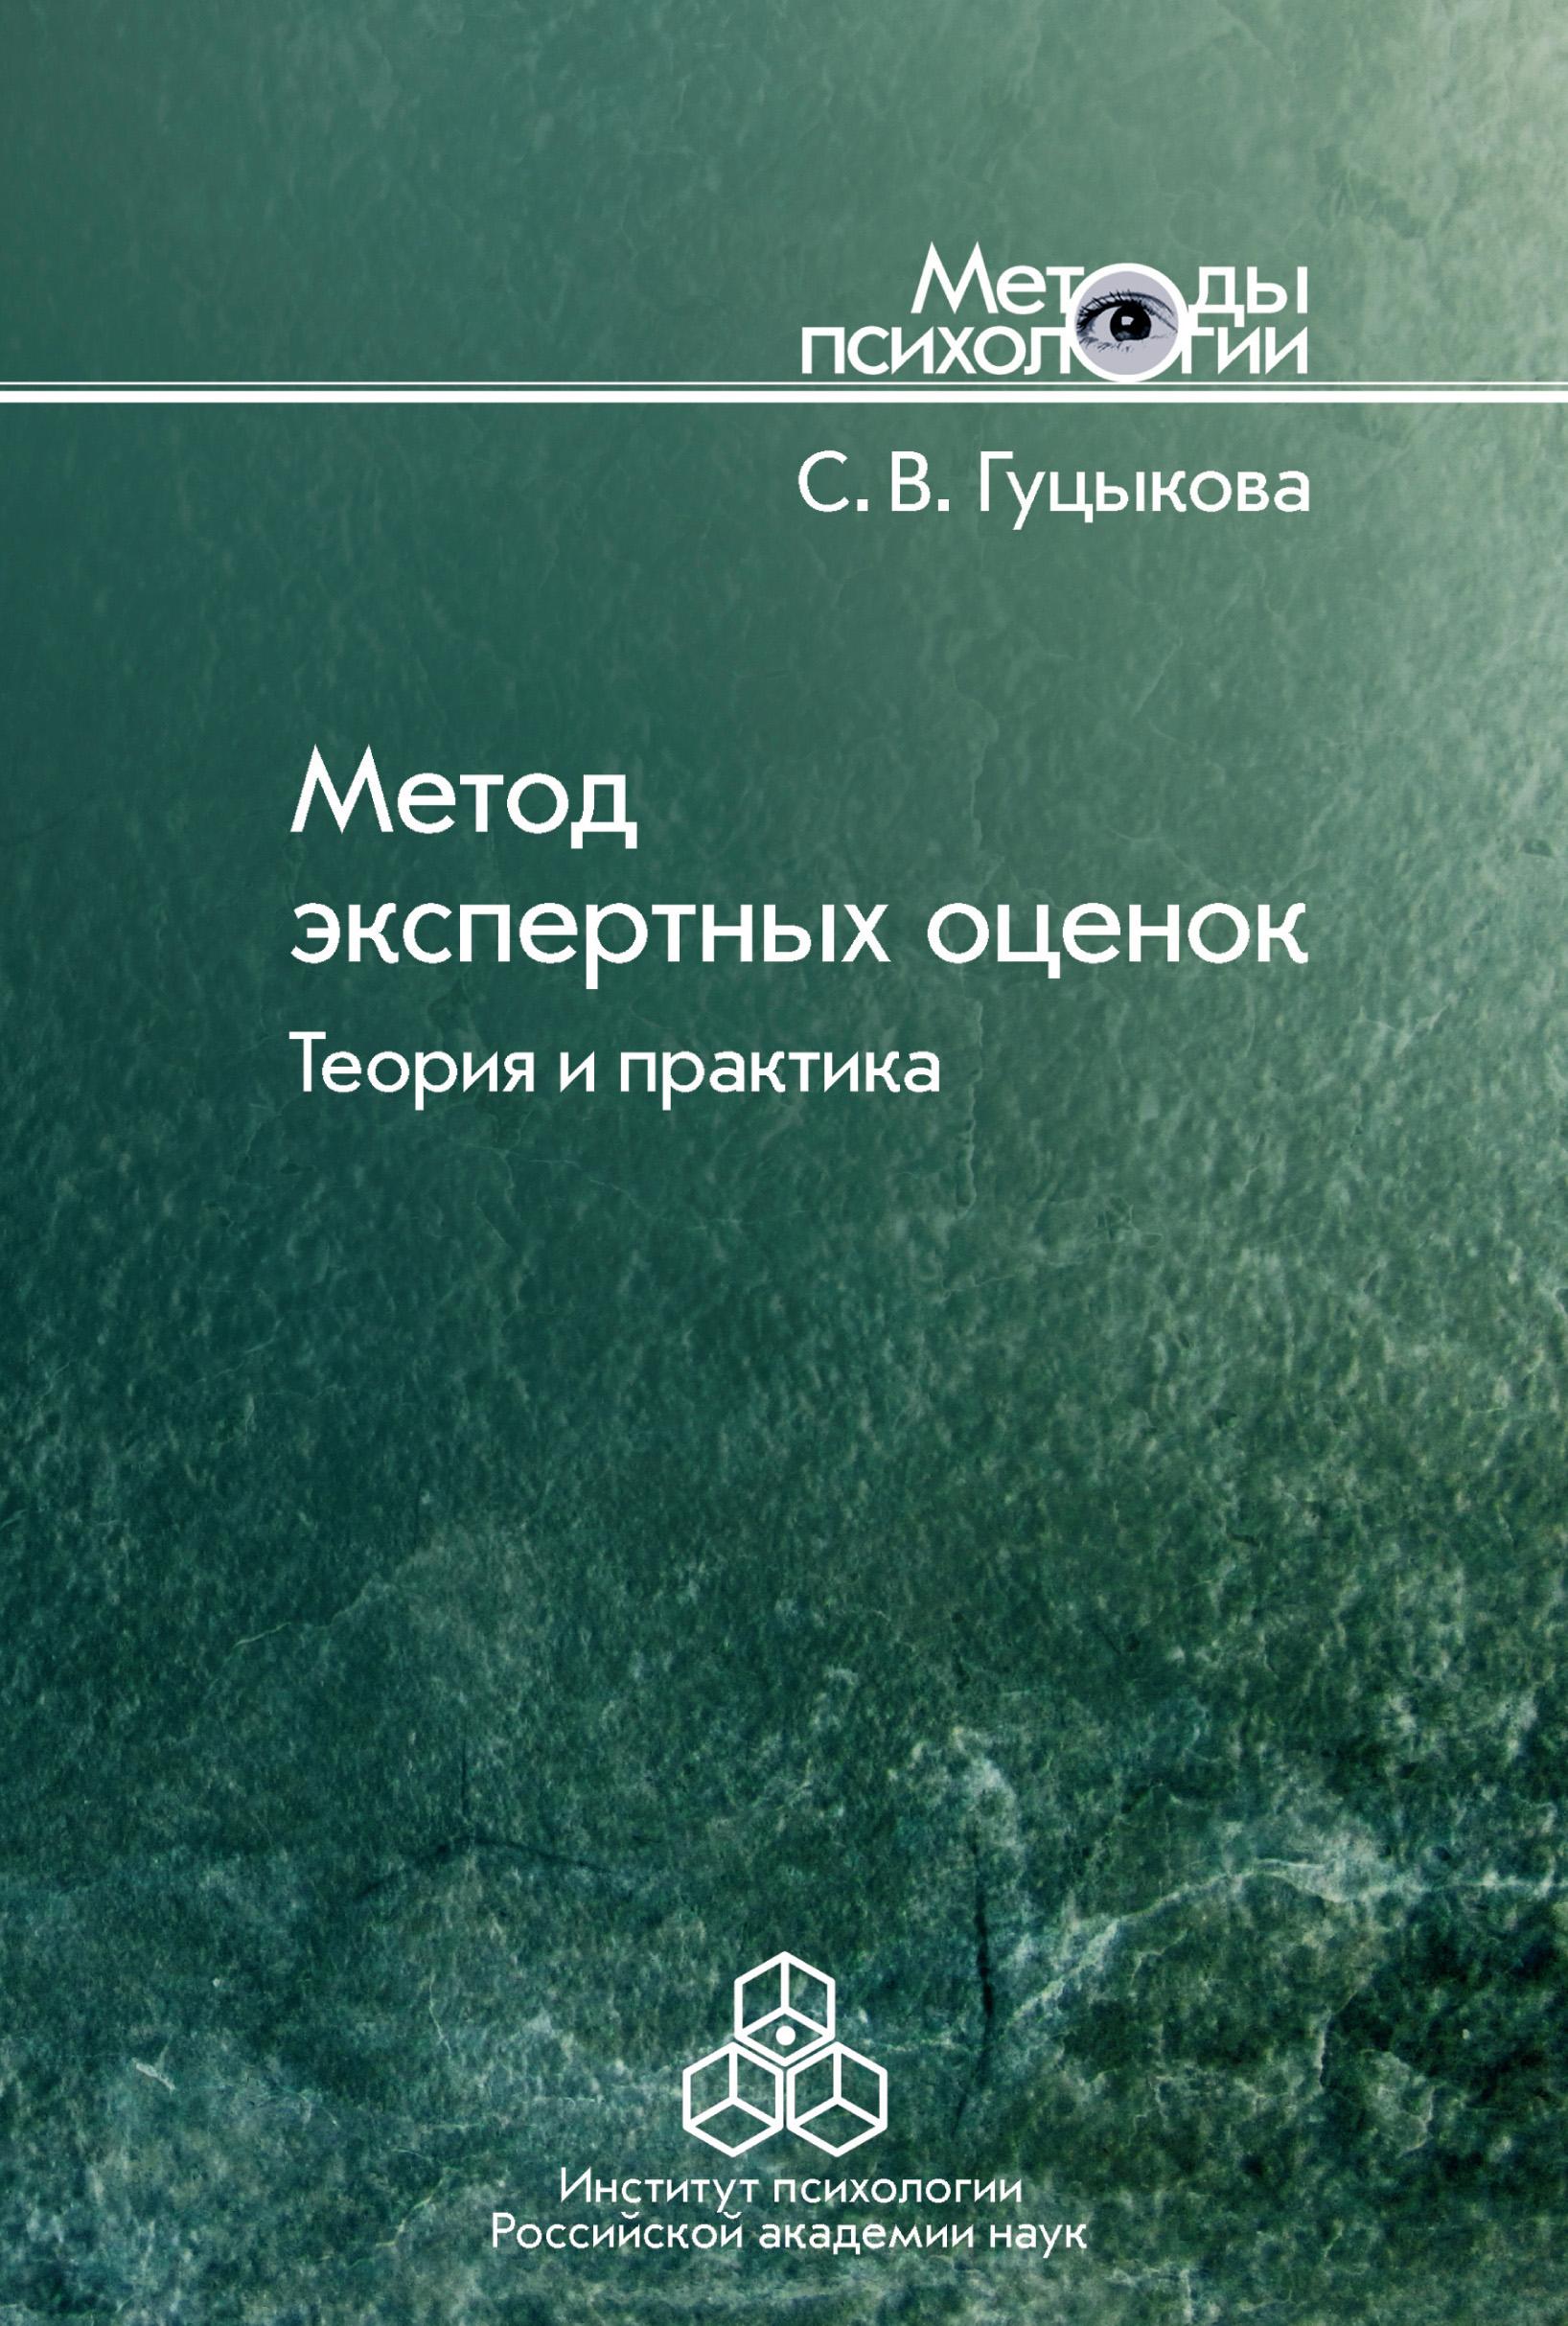 Обложка книги Метод экспертных оценок. Теория и практика